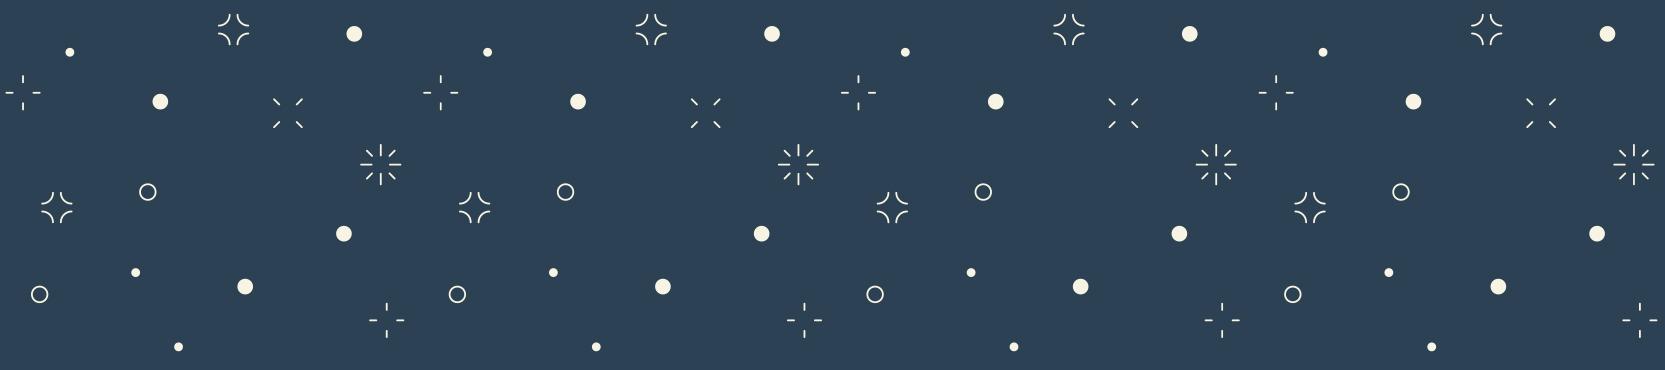 mini_mint_pattern.jpg